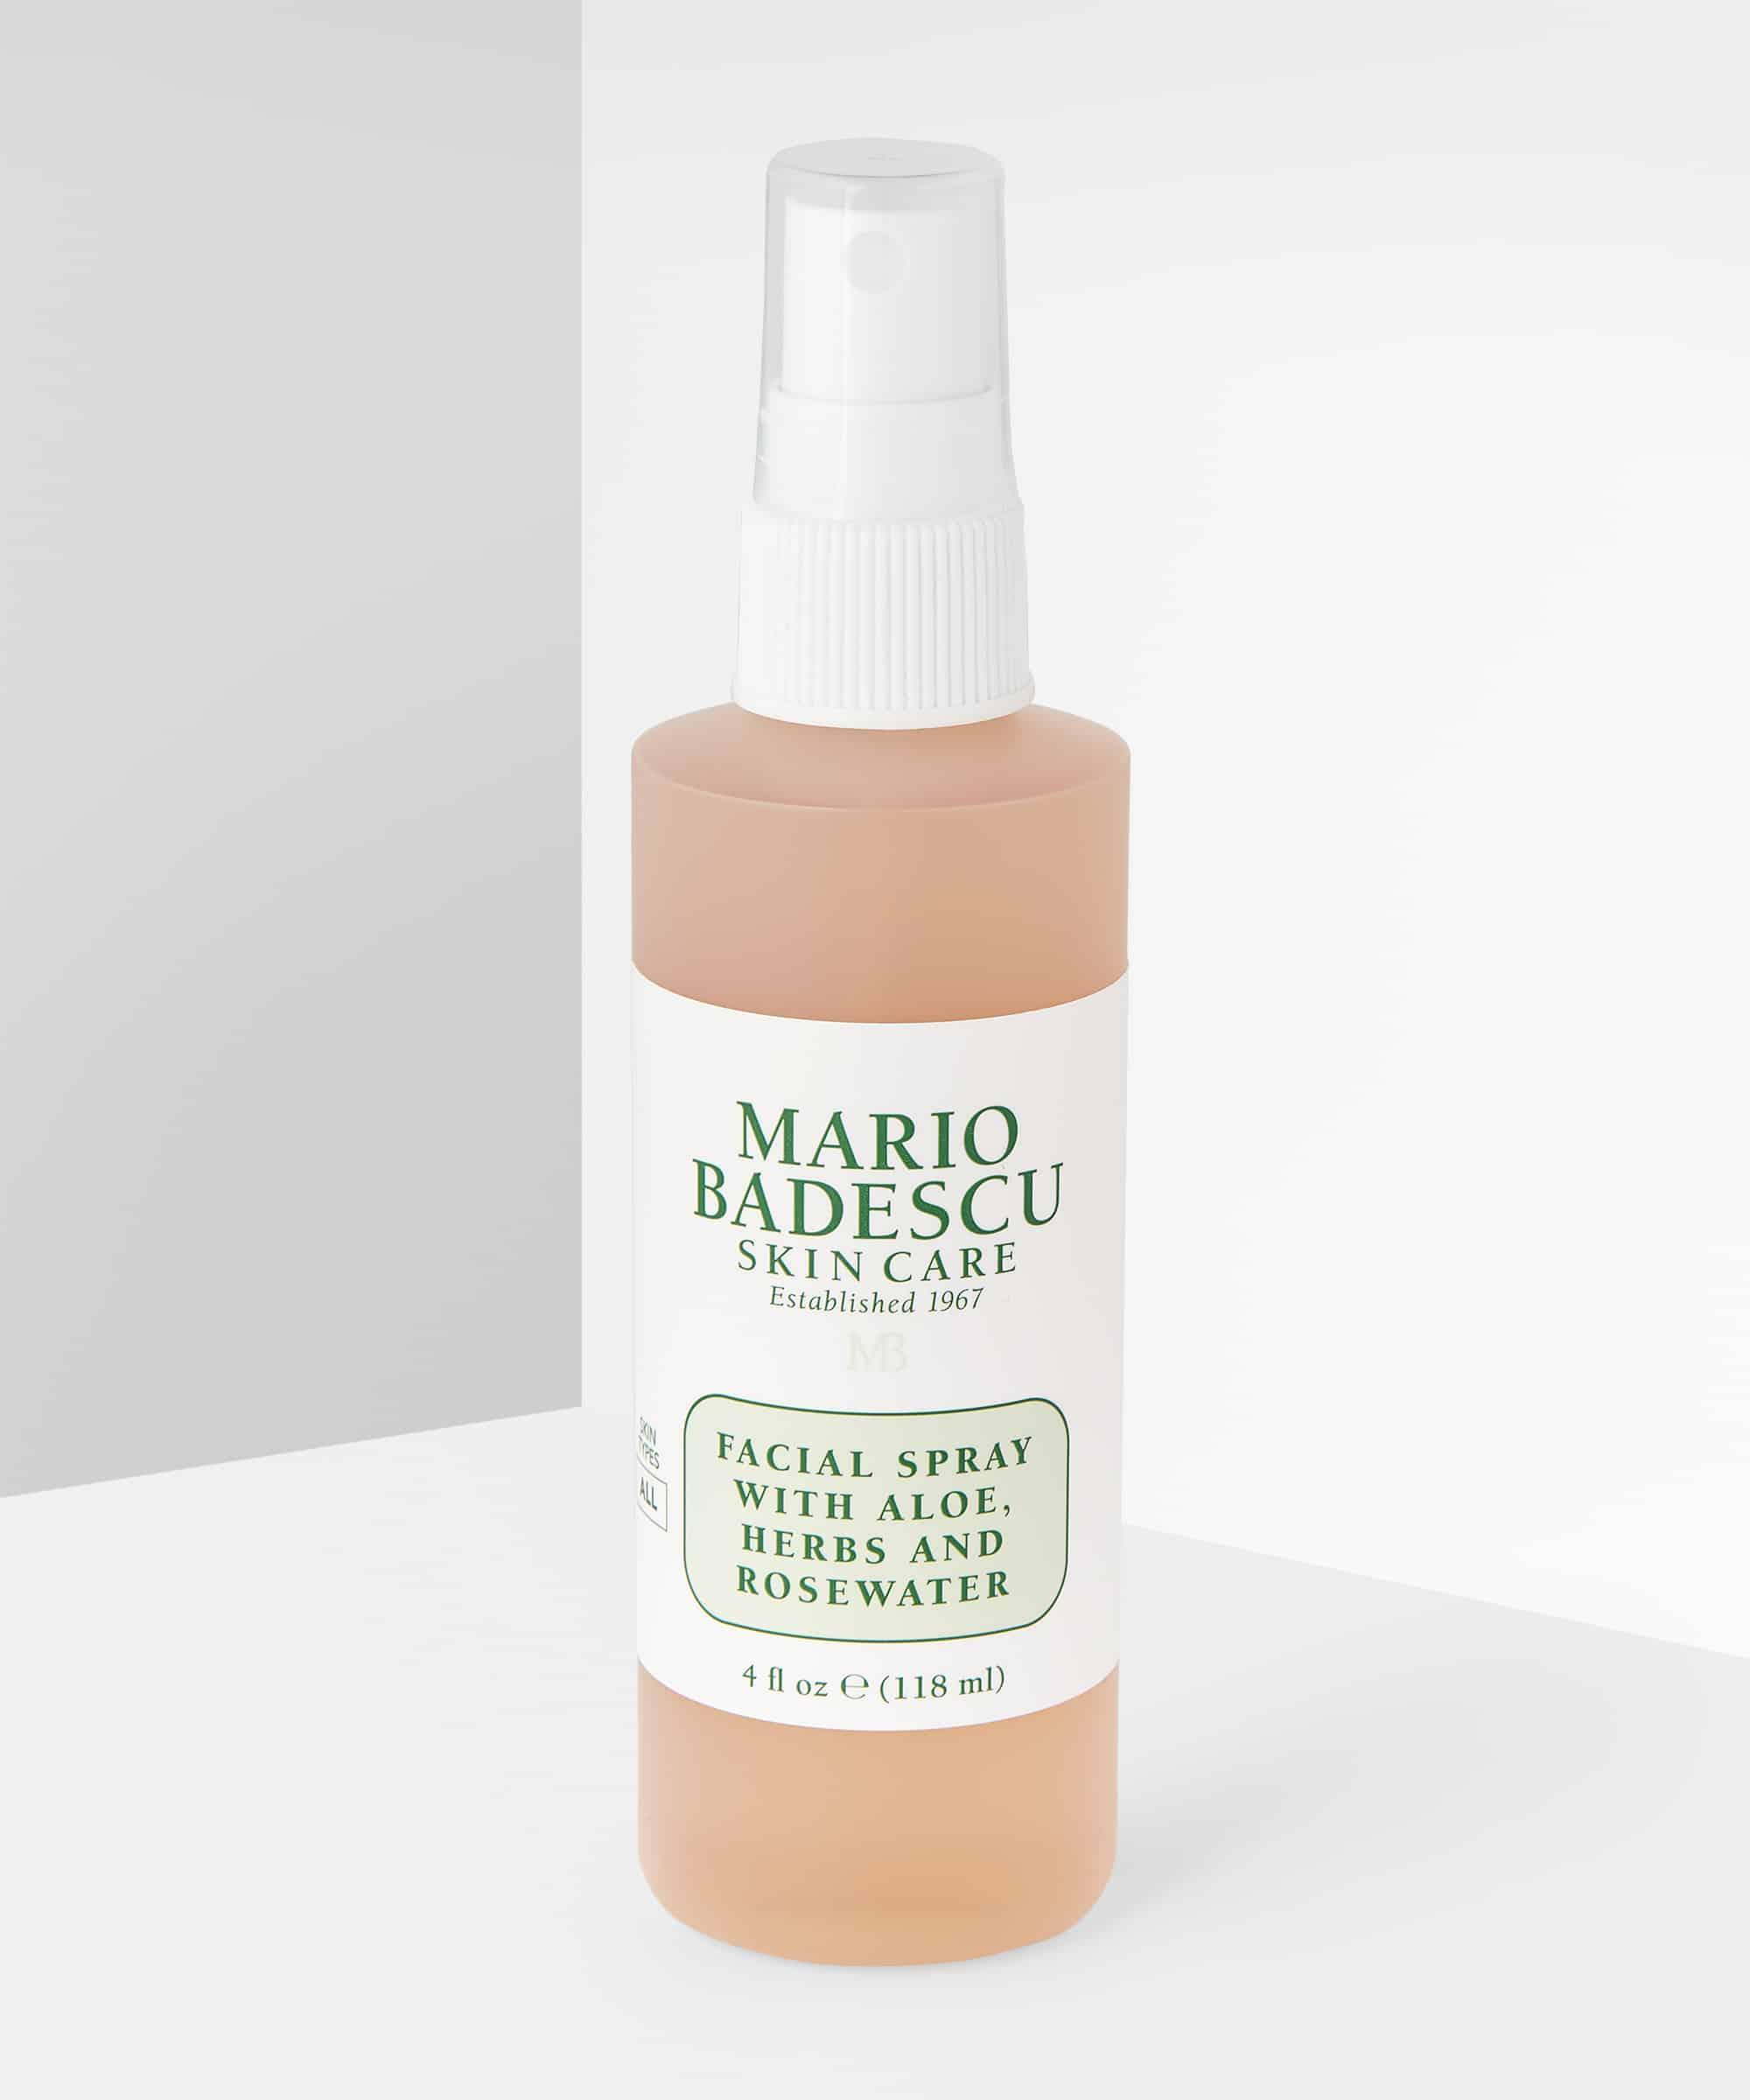 Mario-Badescu-Facial-Spray